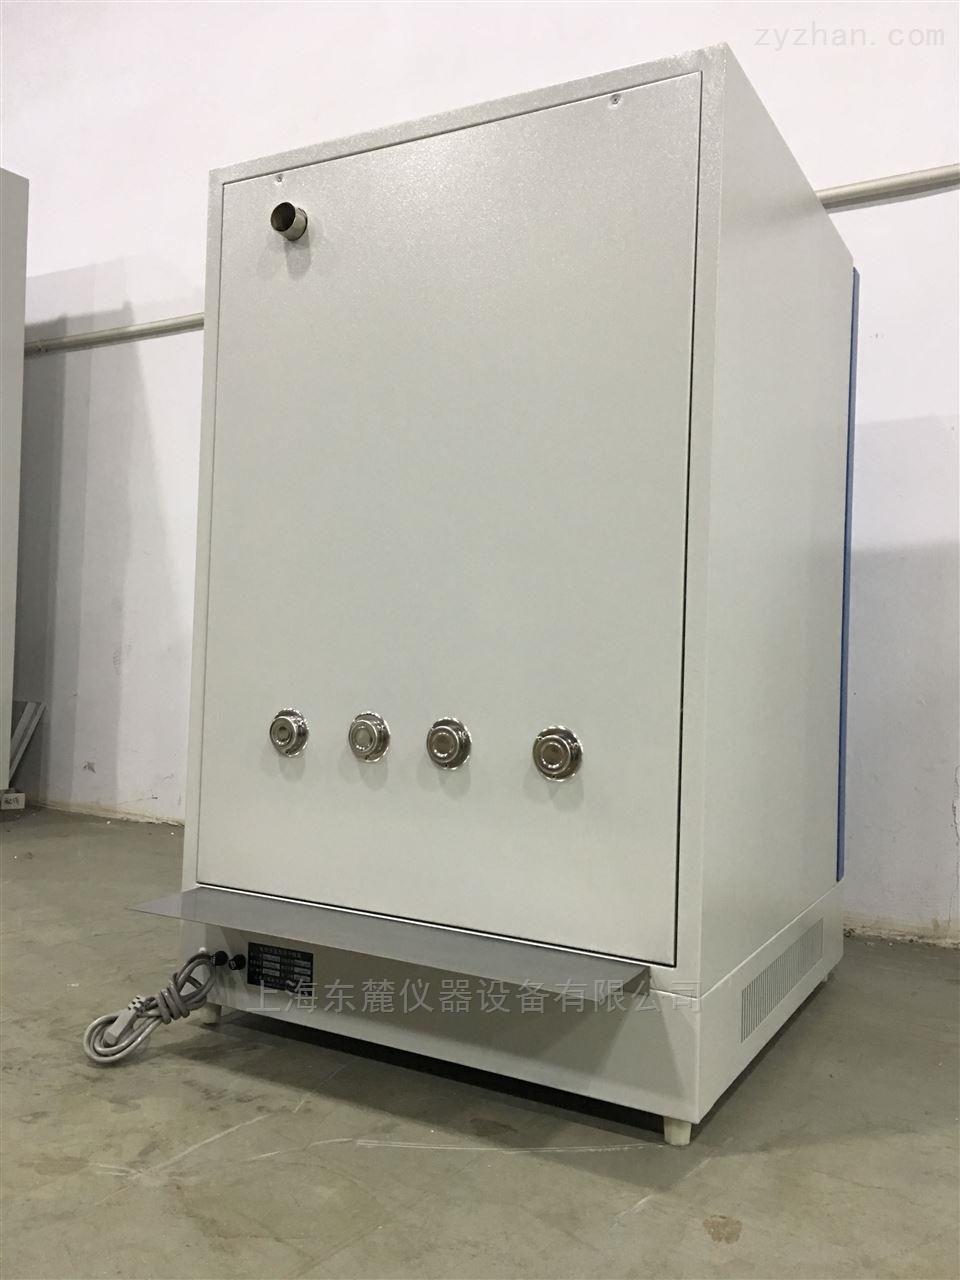 易清洁烤箱定制四个通孔正品